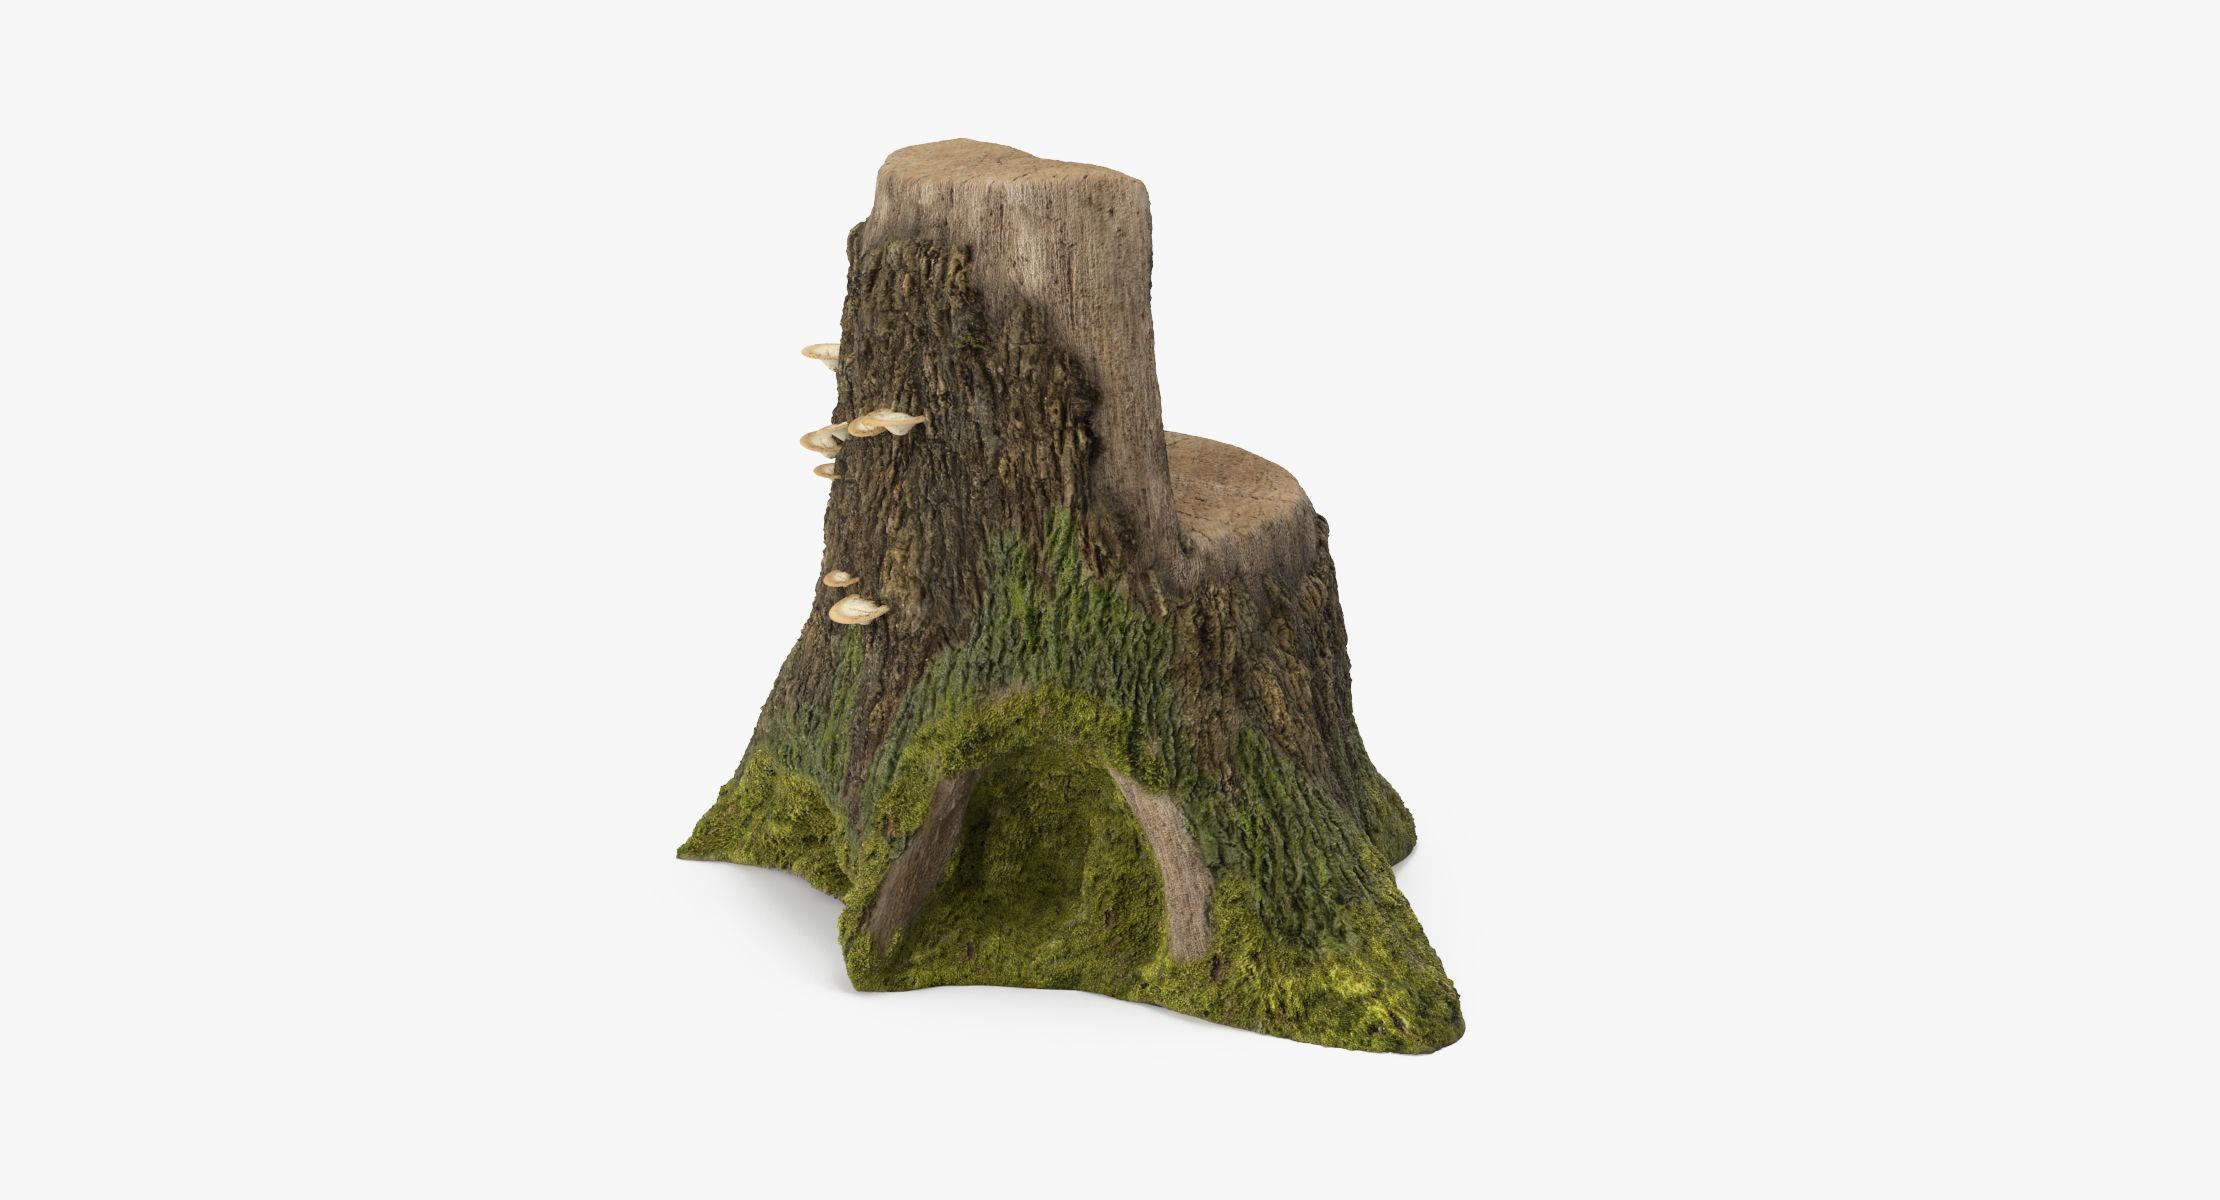 Tree Stump 04 - reel 1